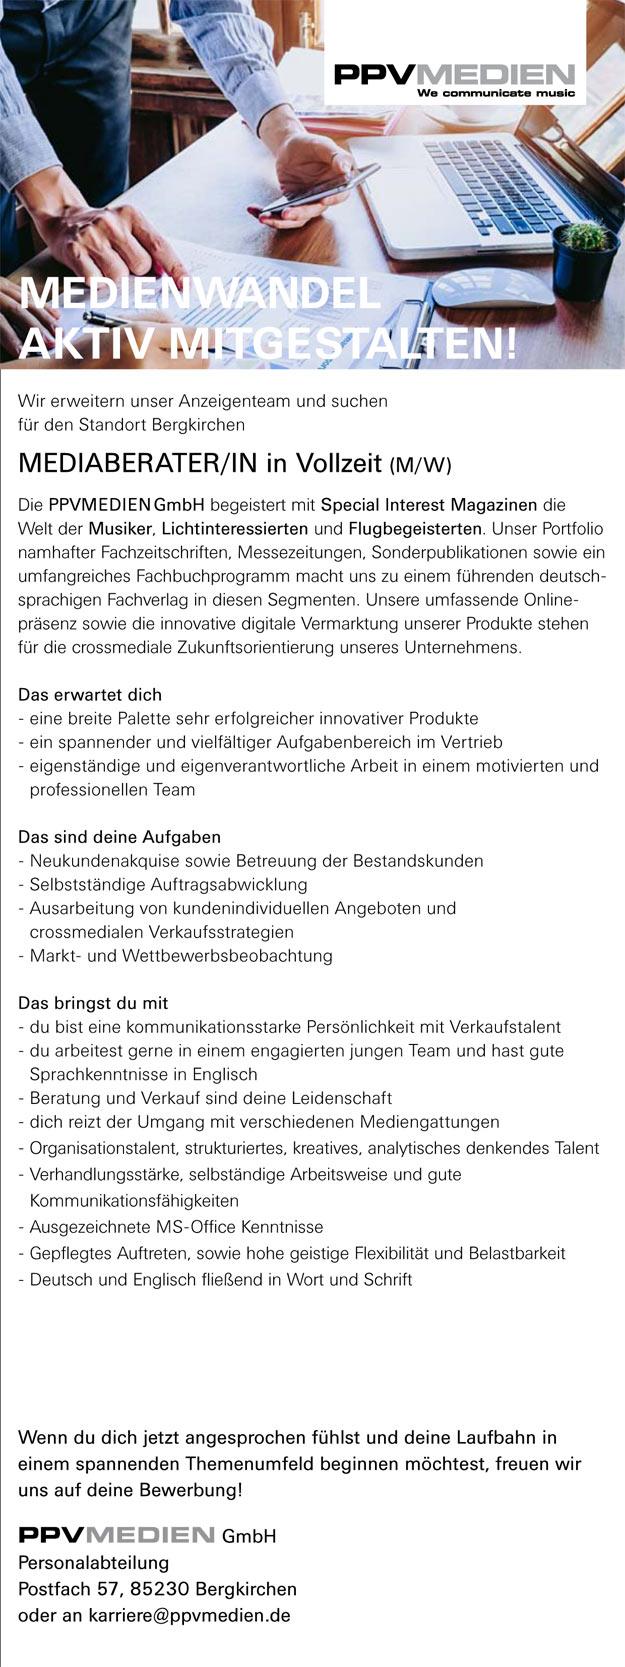 Mediaberater/in in Vollzeit (m/w)